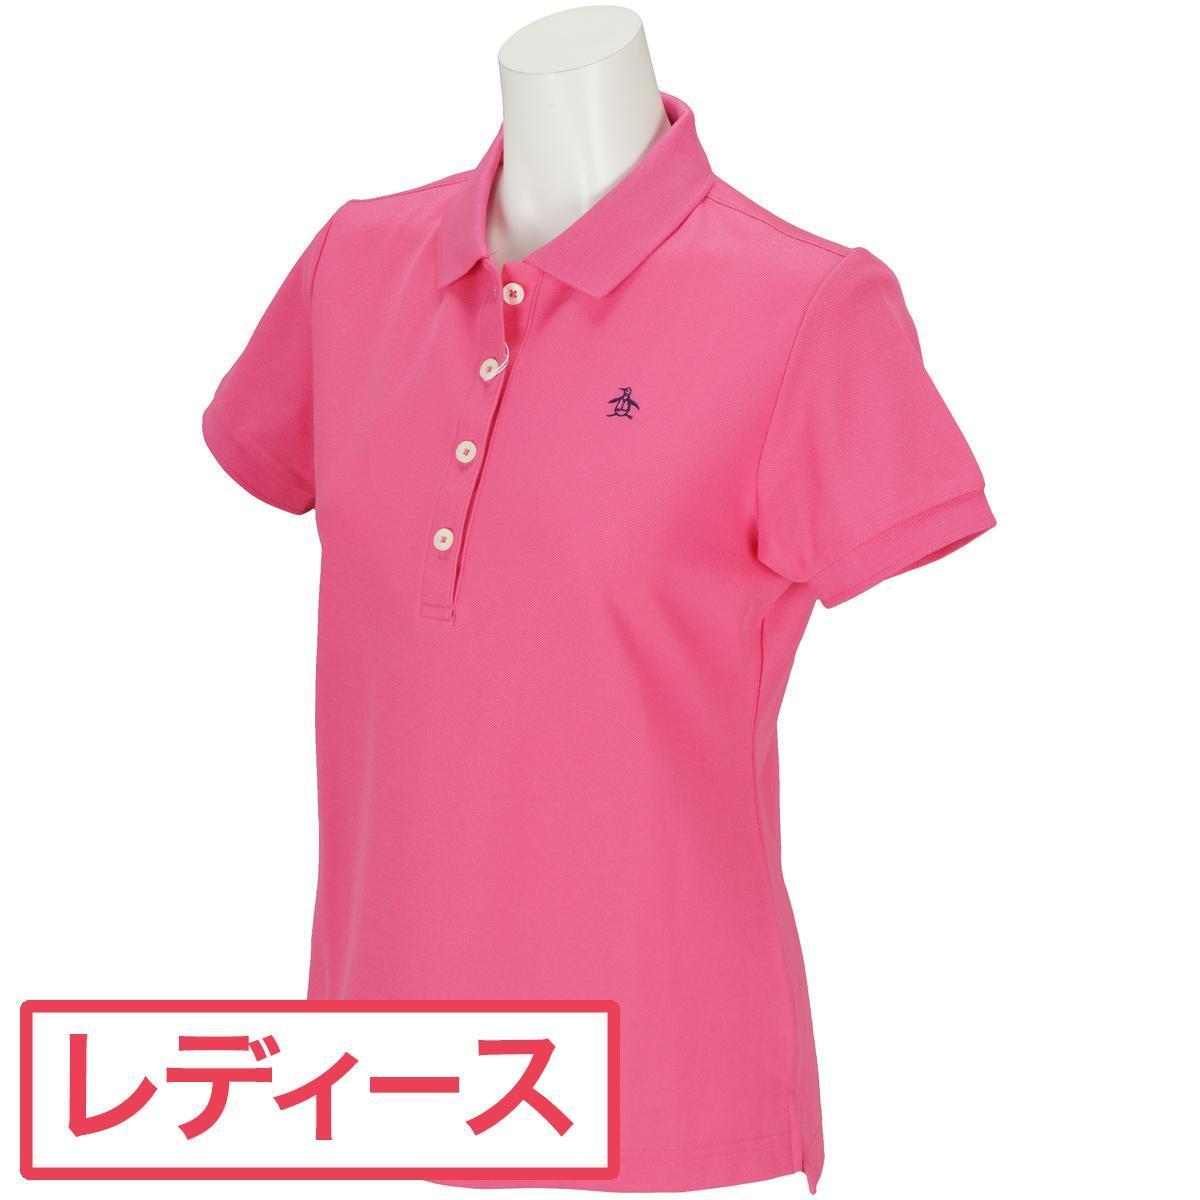 マンシングウェア Munsingwear 半袖ポロシャツ レディス